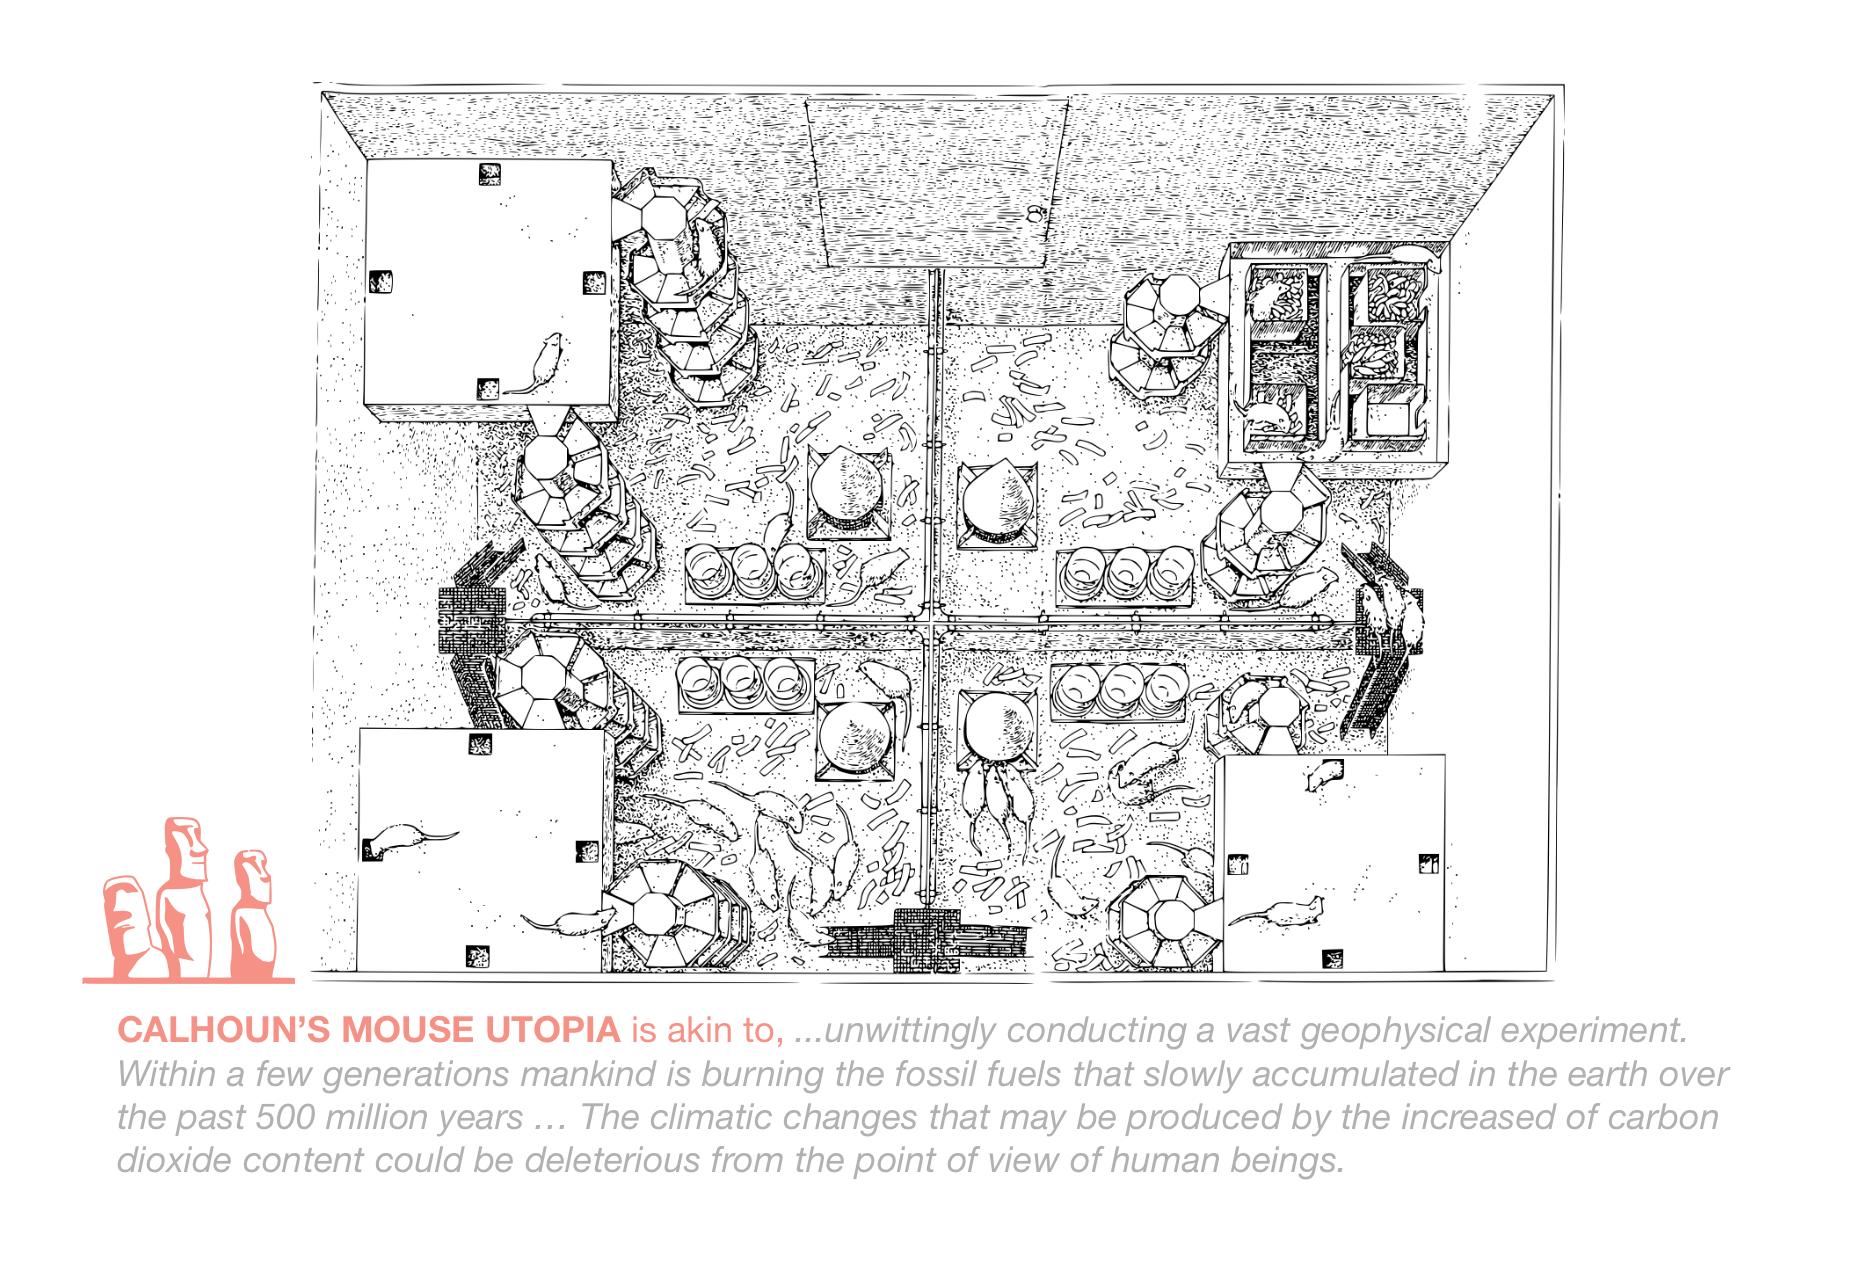 4x6-PC-Calhoun-s-mouse-utopia-akin-to-a-